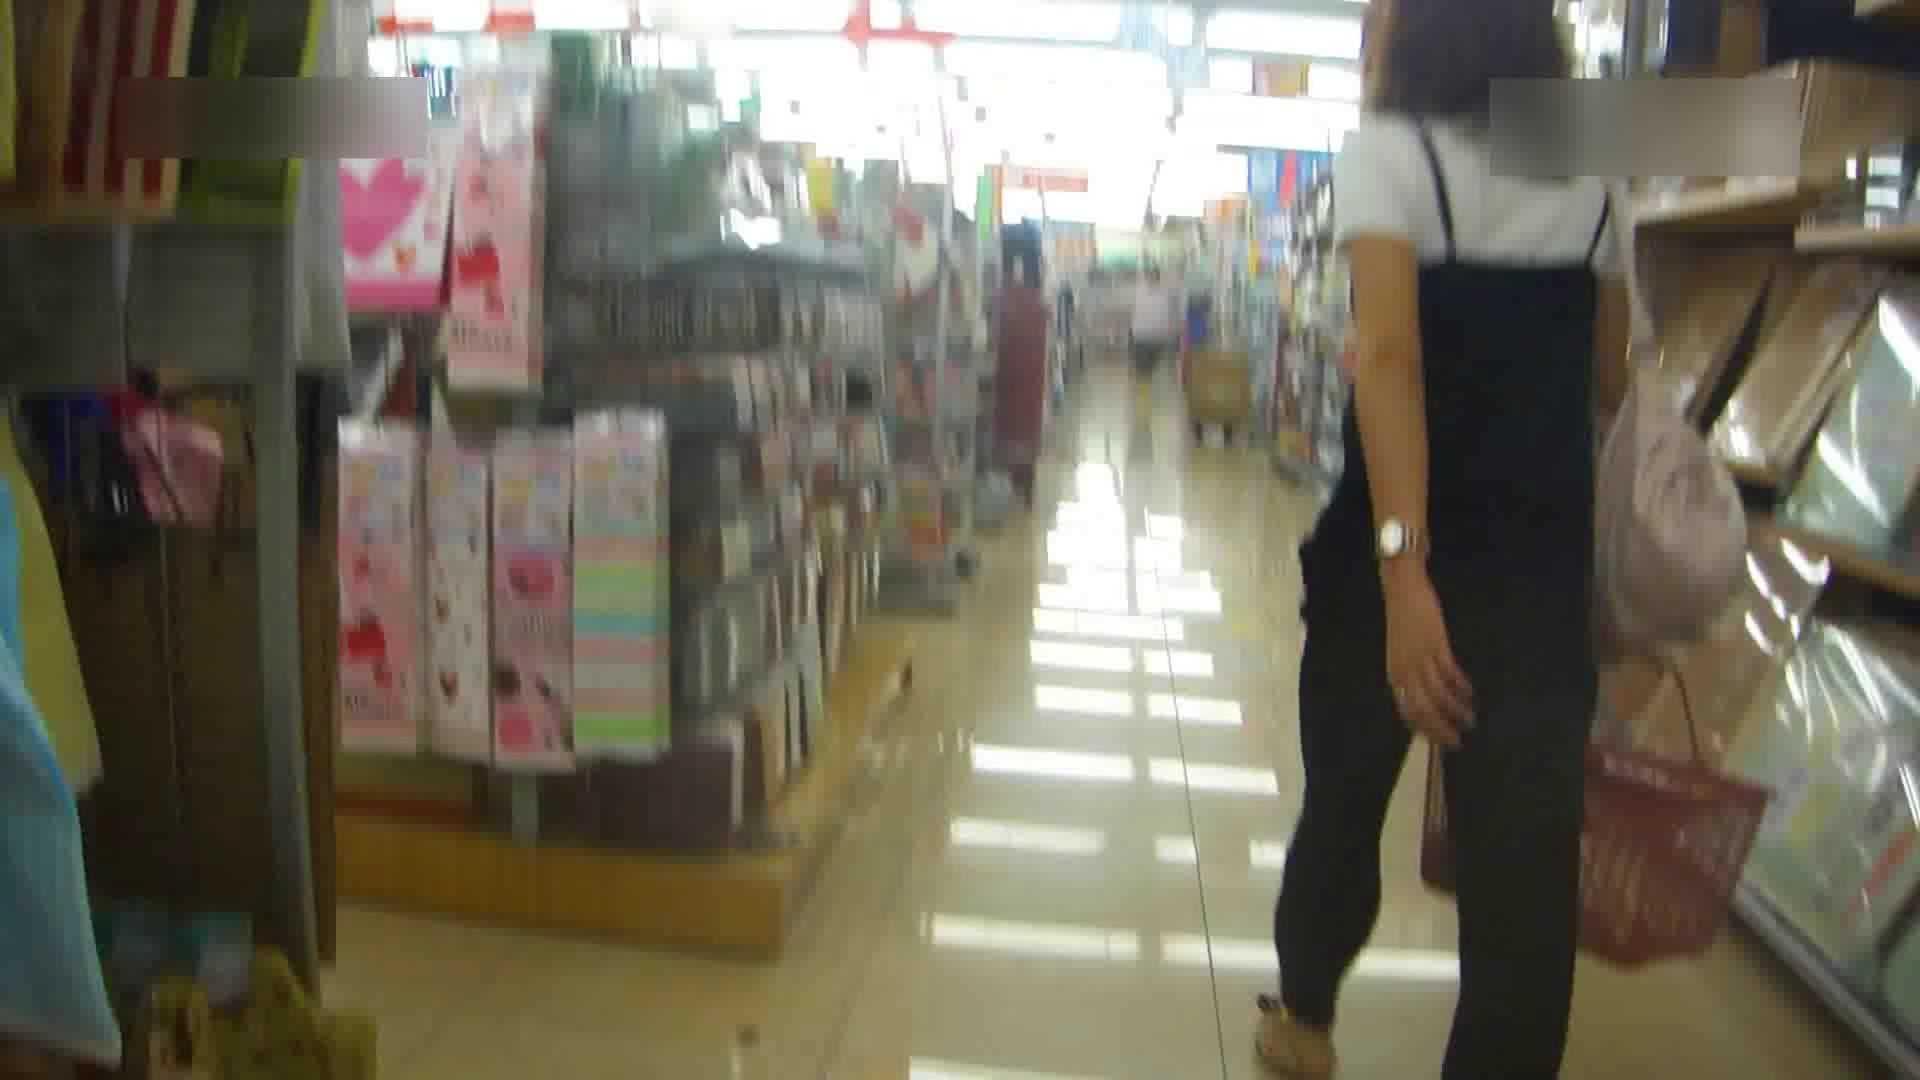 お姉さんの恥便所盗撮! Vol.8 乙女エロ画像 AV無料 49PICs 44